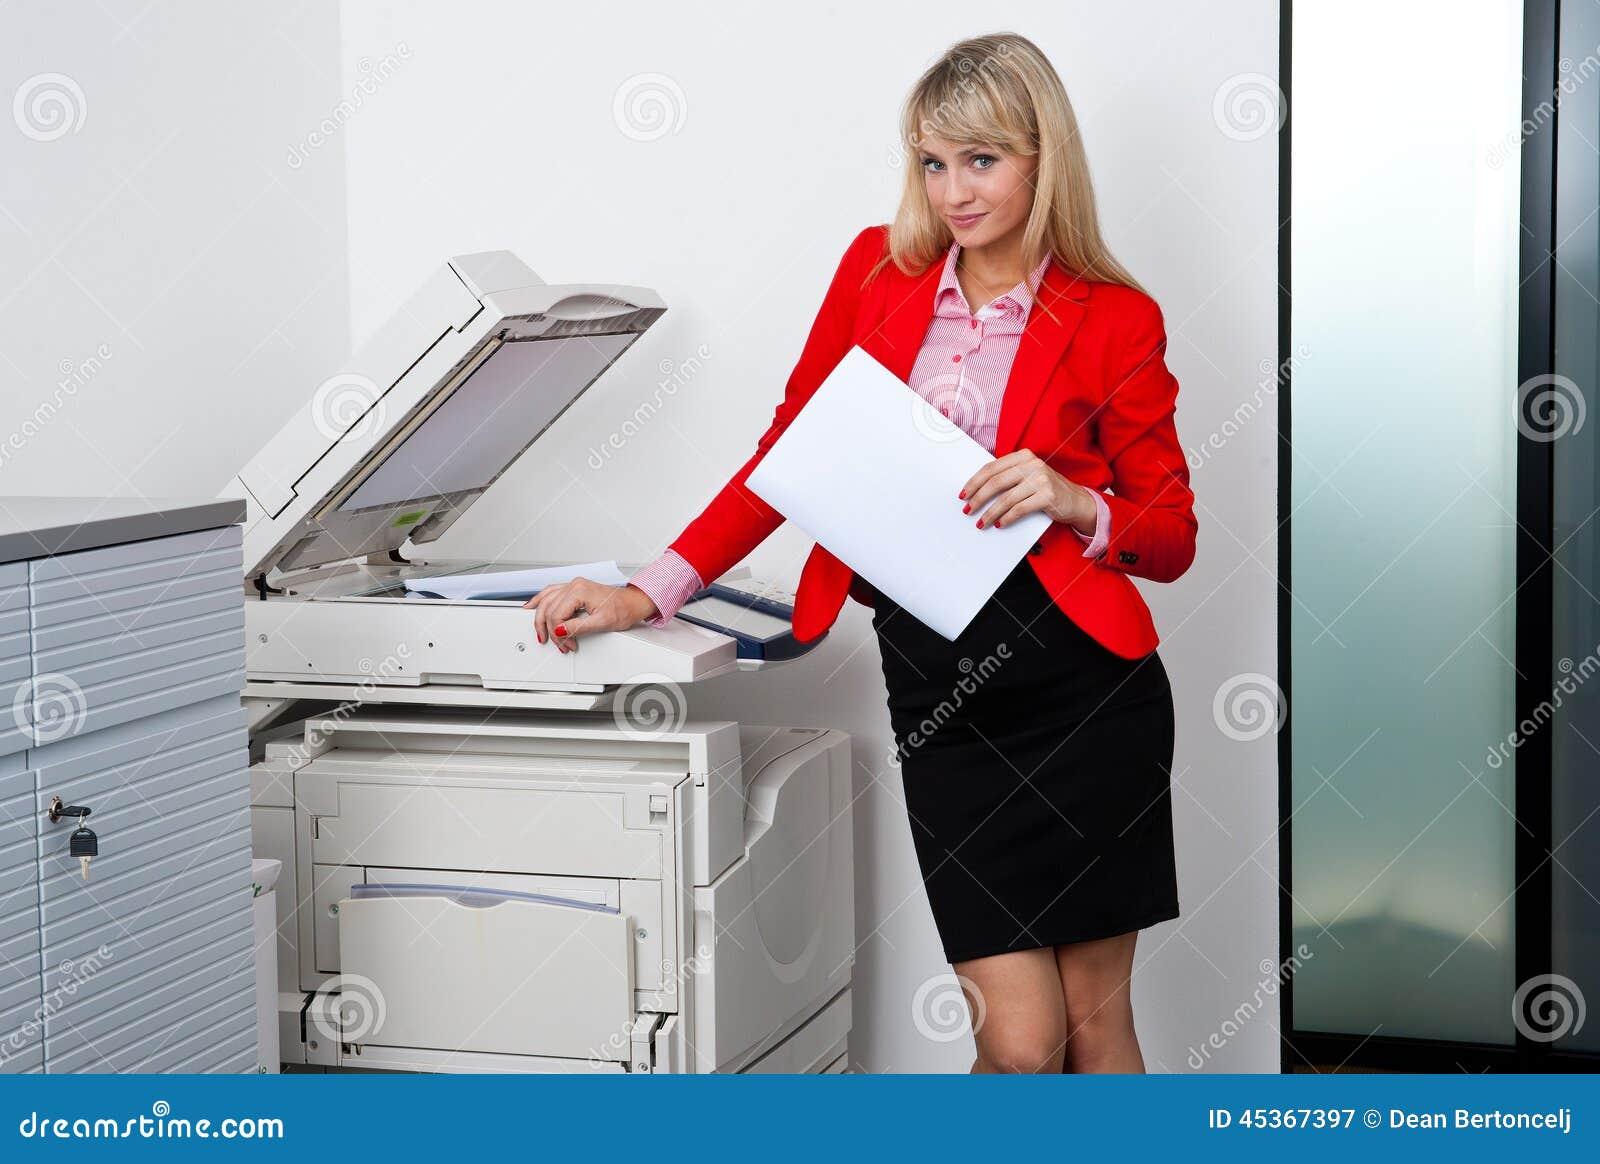 Ufficio Elegante Jobs : Cose per stare più comodo in ufficio paolo dell aguzzo